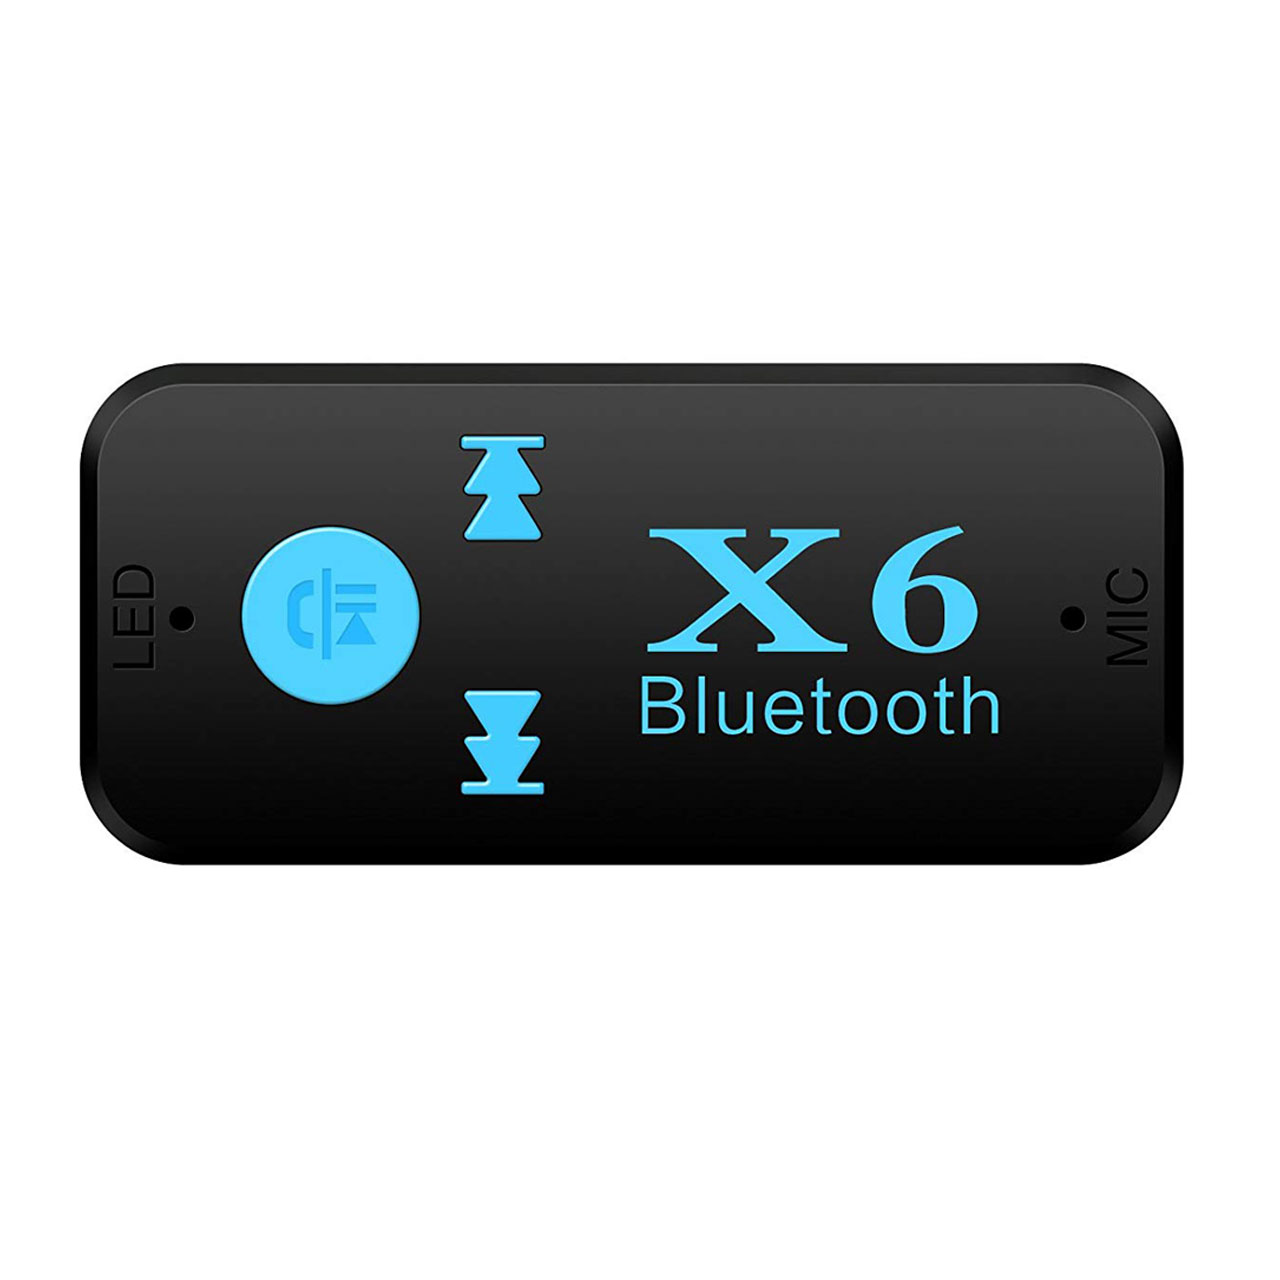 گیرنده بلوتوثی موزیک مدل m2-x6